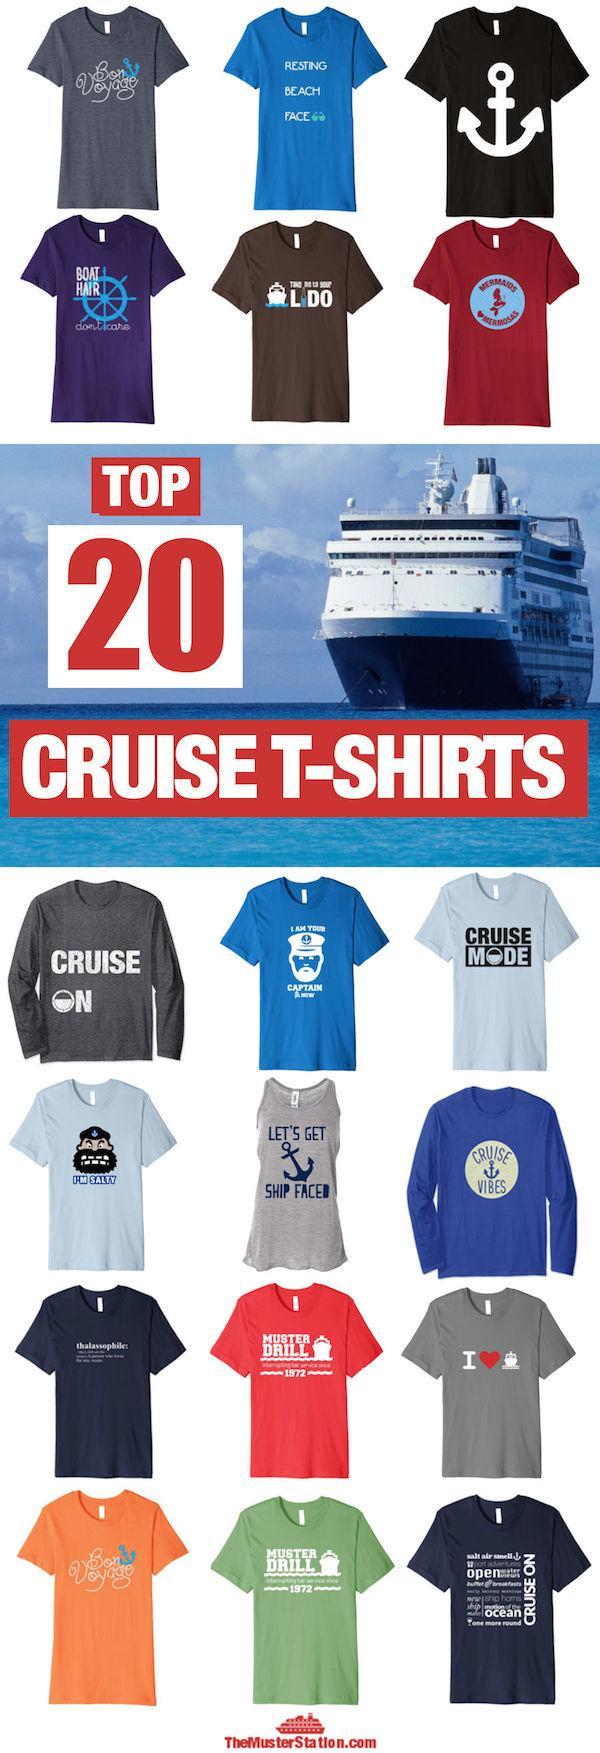 Funny Cruise Shirts - Best Cruise Shirt Ideas